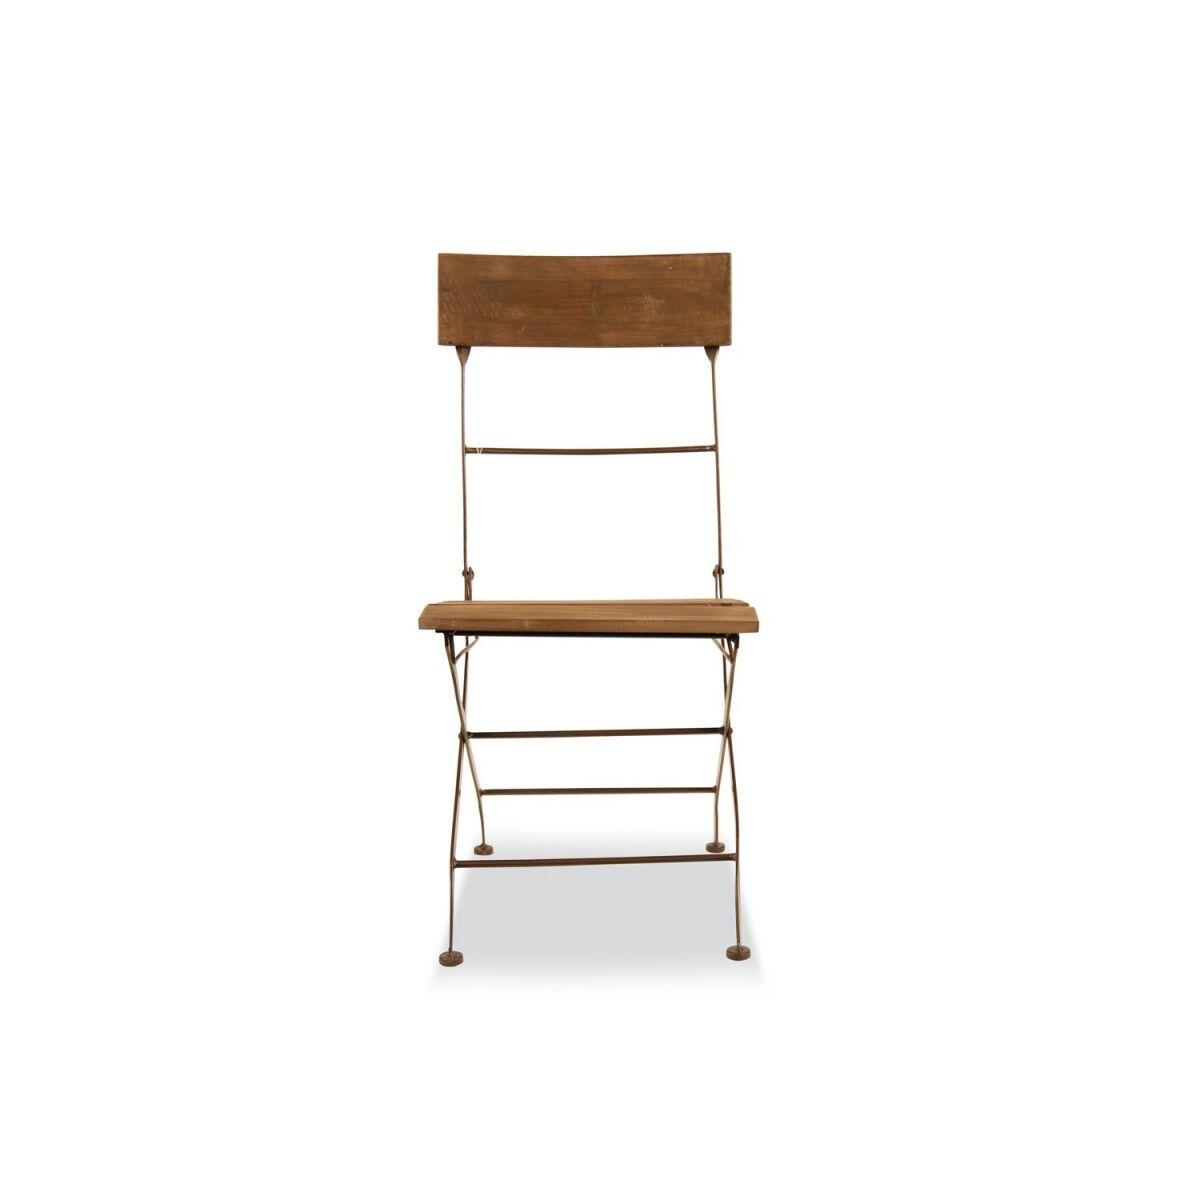 Chaise Bois Fer Forgé Marron 40x50.5x93.5cm